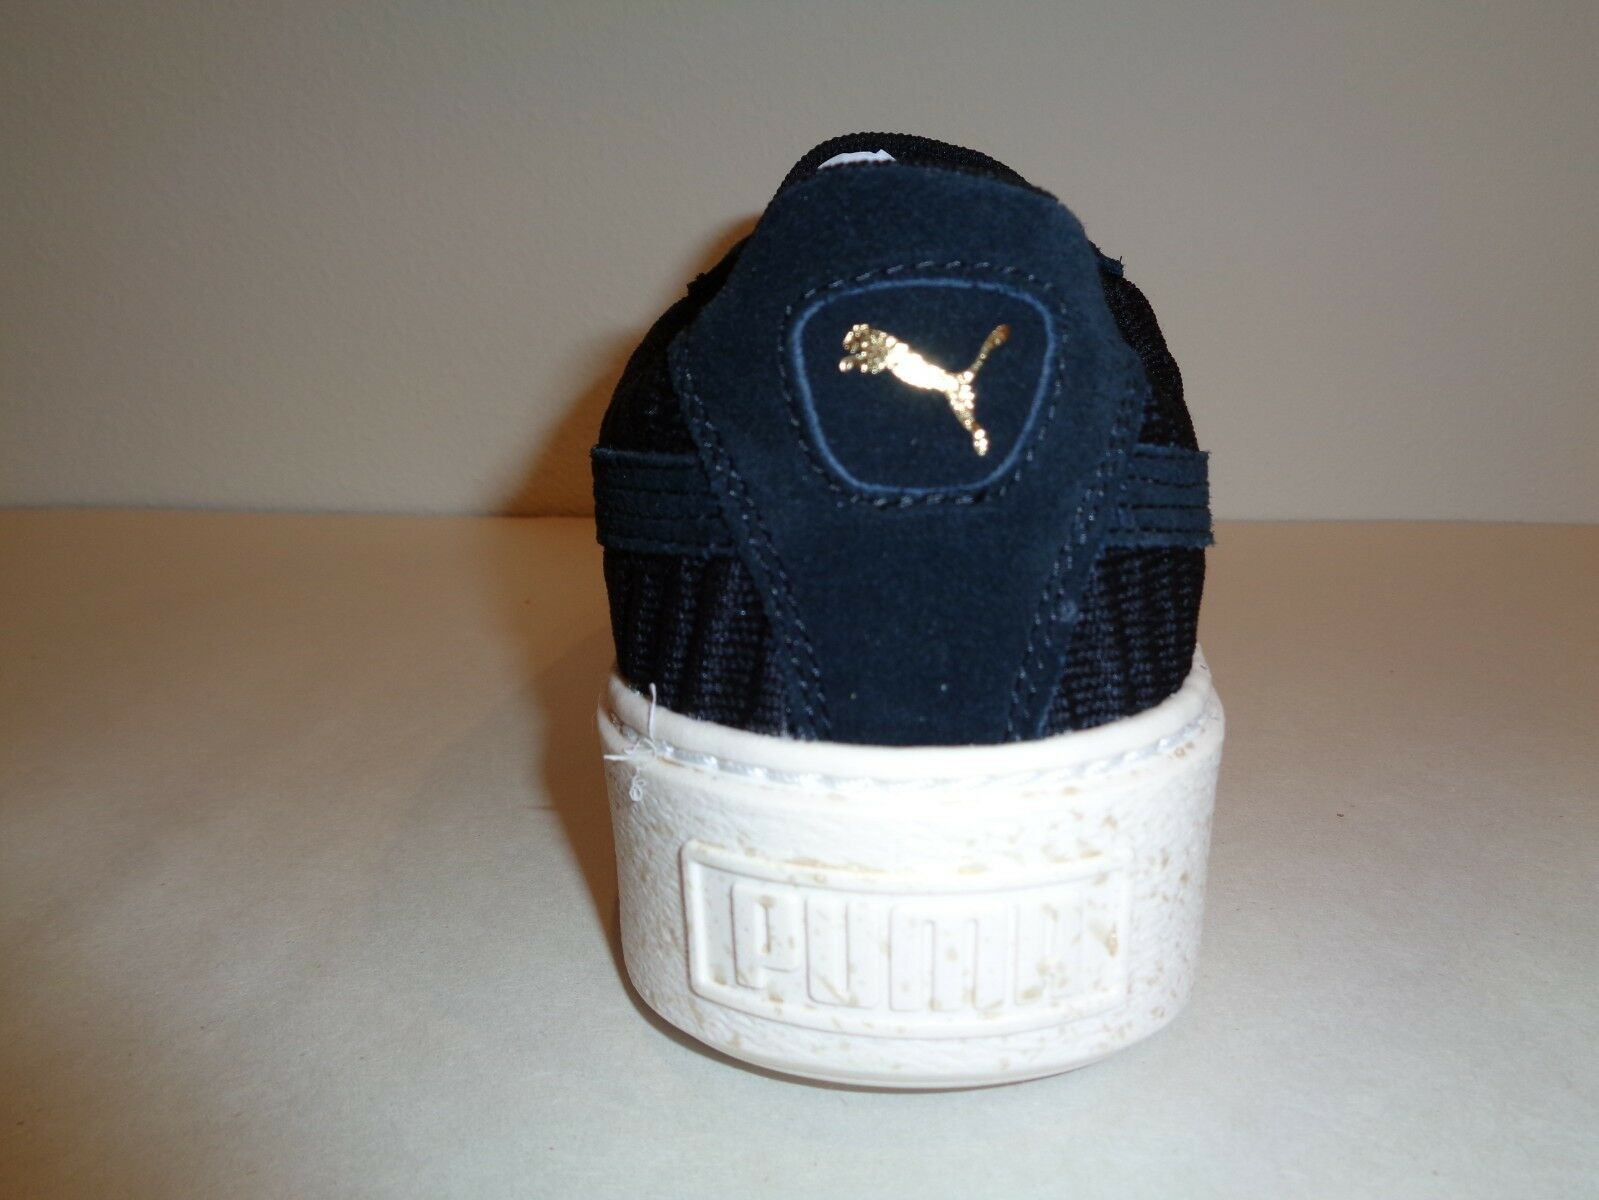 Puma Taille 10.5 basket plateforme OW OW OW Tissu Noir En Daim Baskets Pour Femme Chaussures d9a1f3